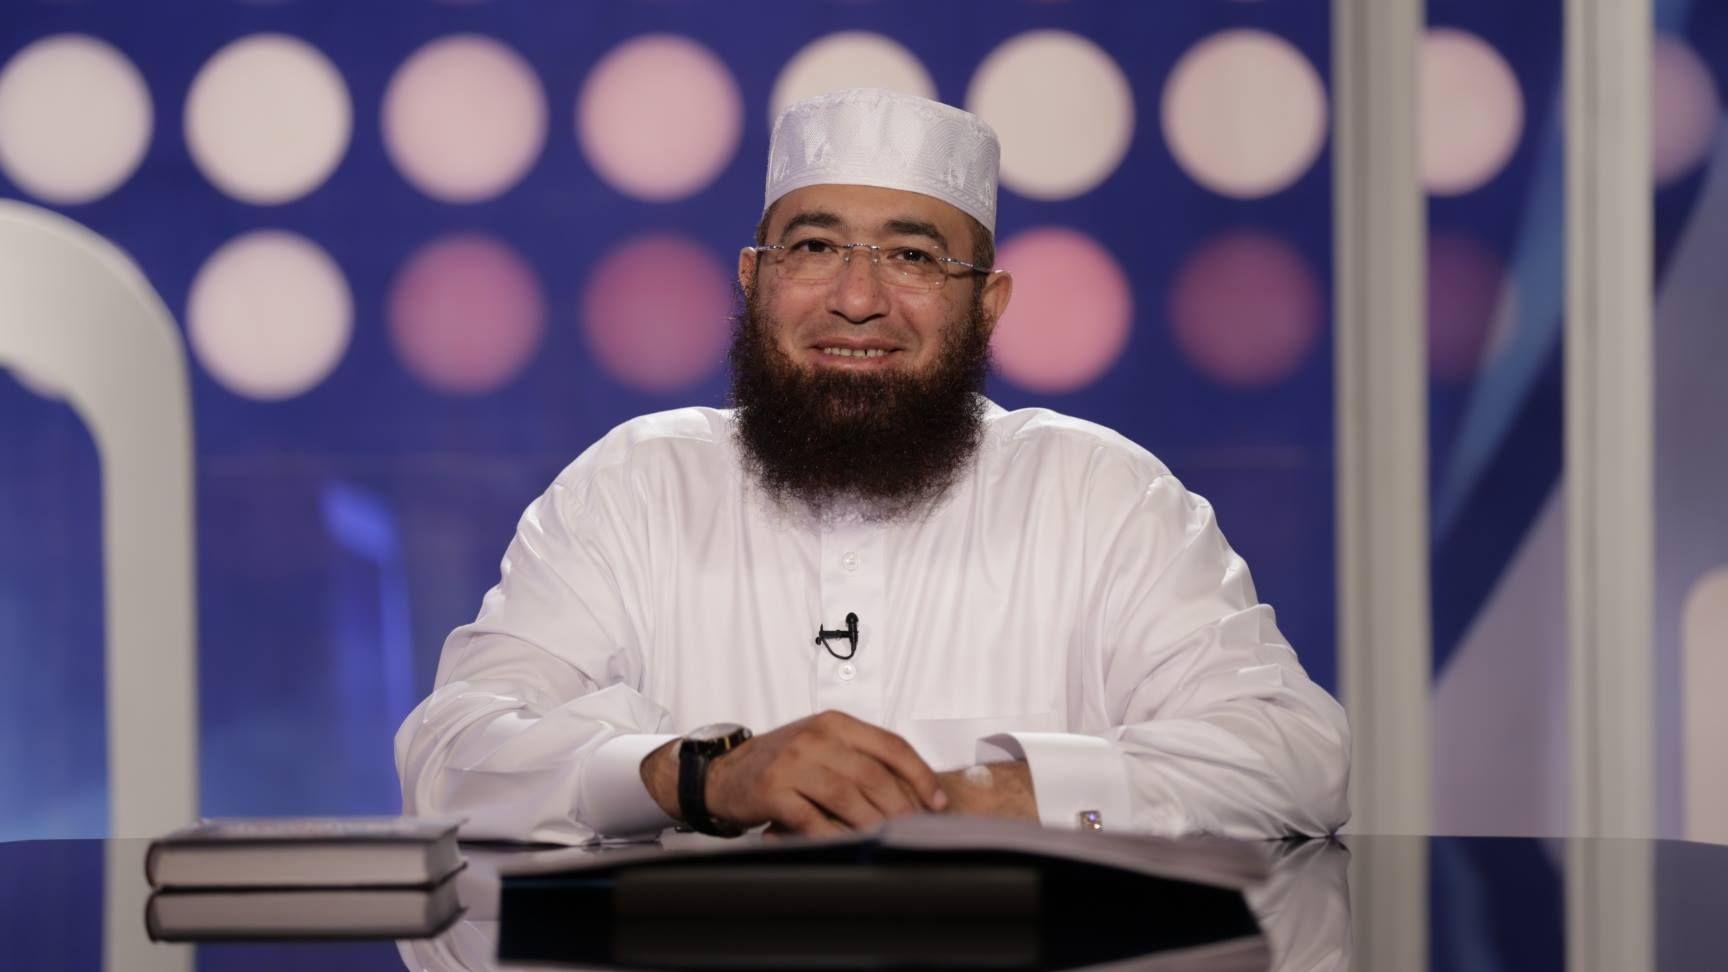 الحلقه 16 والحلقه 17 من برنامج من قصص الرسول للشيخ محمود المصرى رمضان 2019 Chef Jackets Jackets